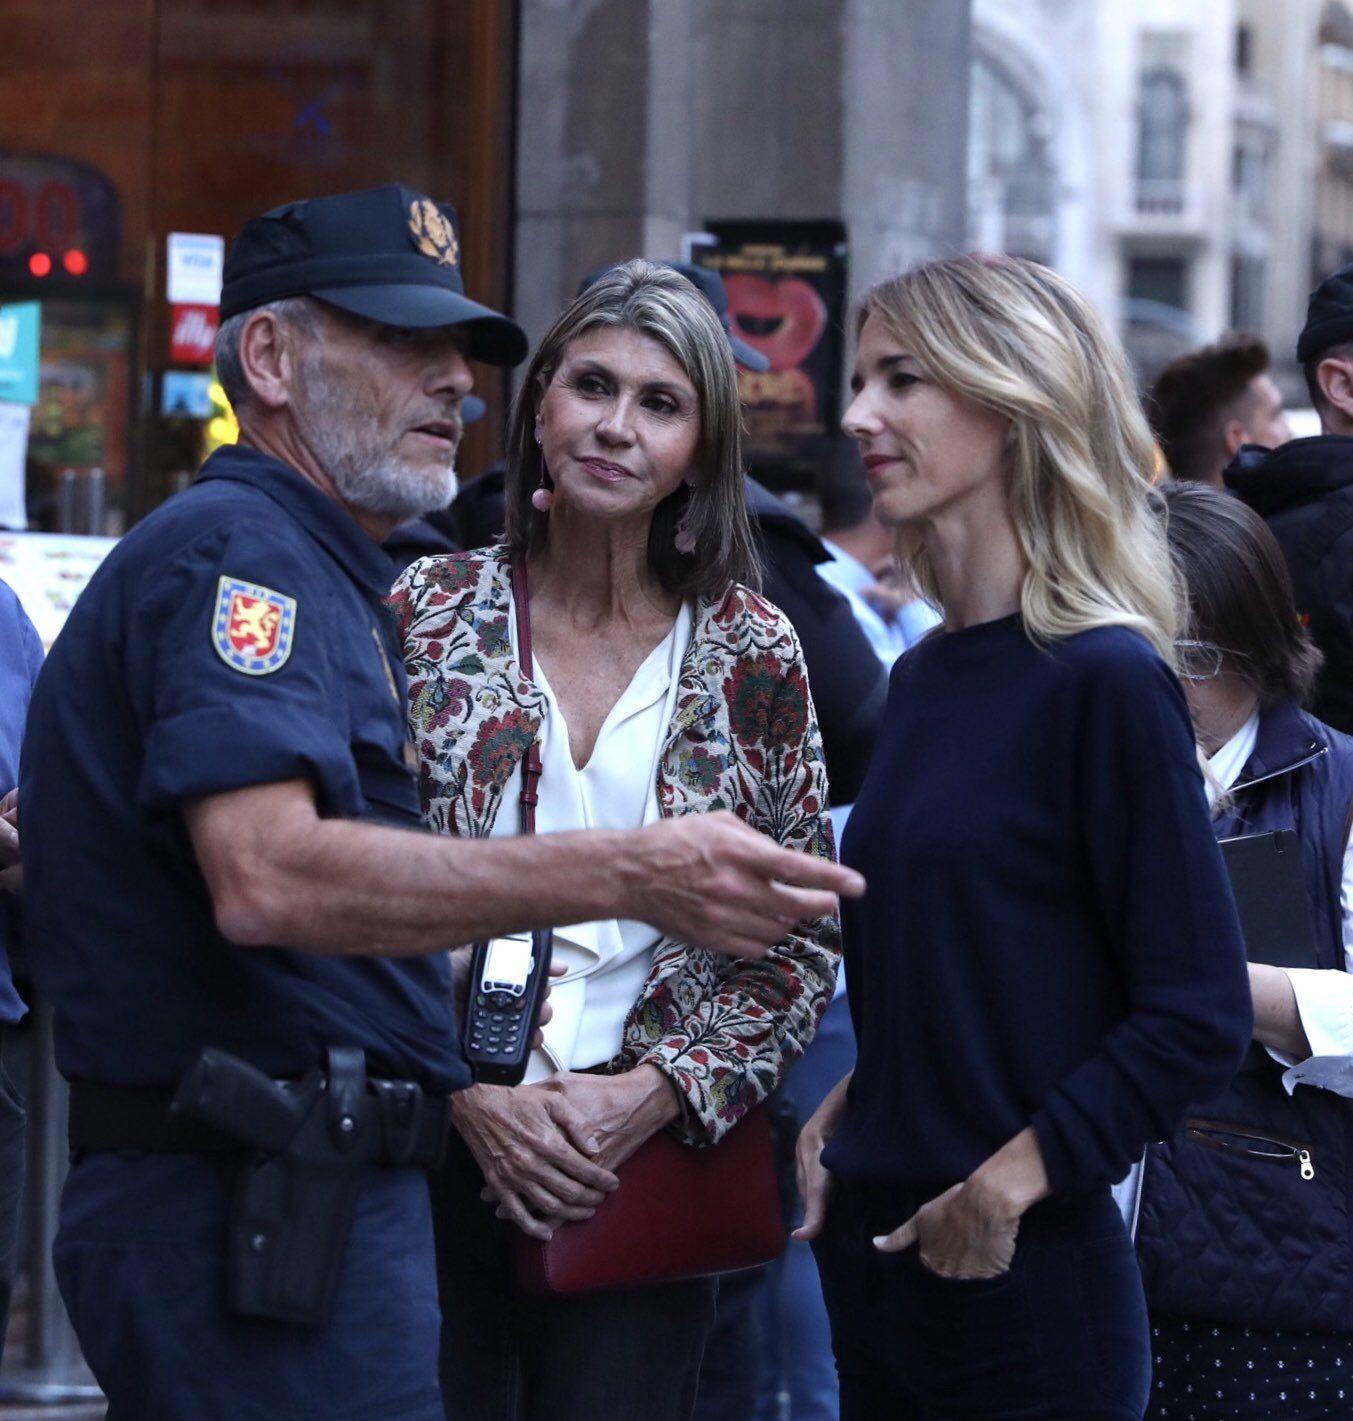 Catalanes le gritan argentina como insulto a la vocera del Partido Popular de España